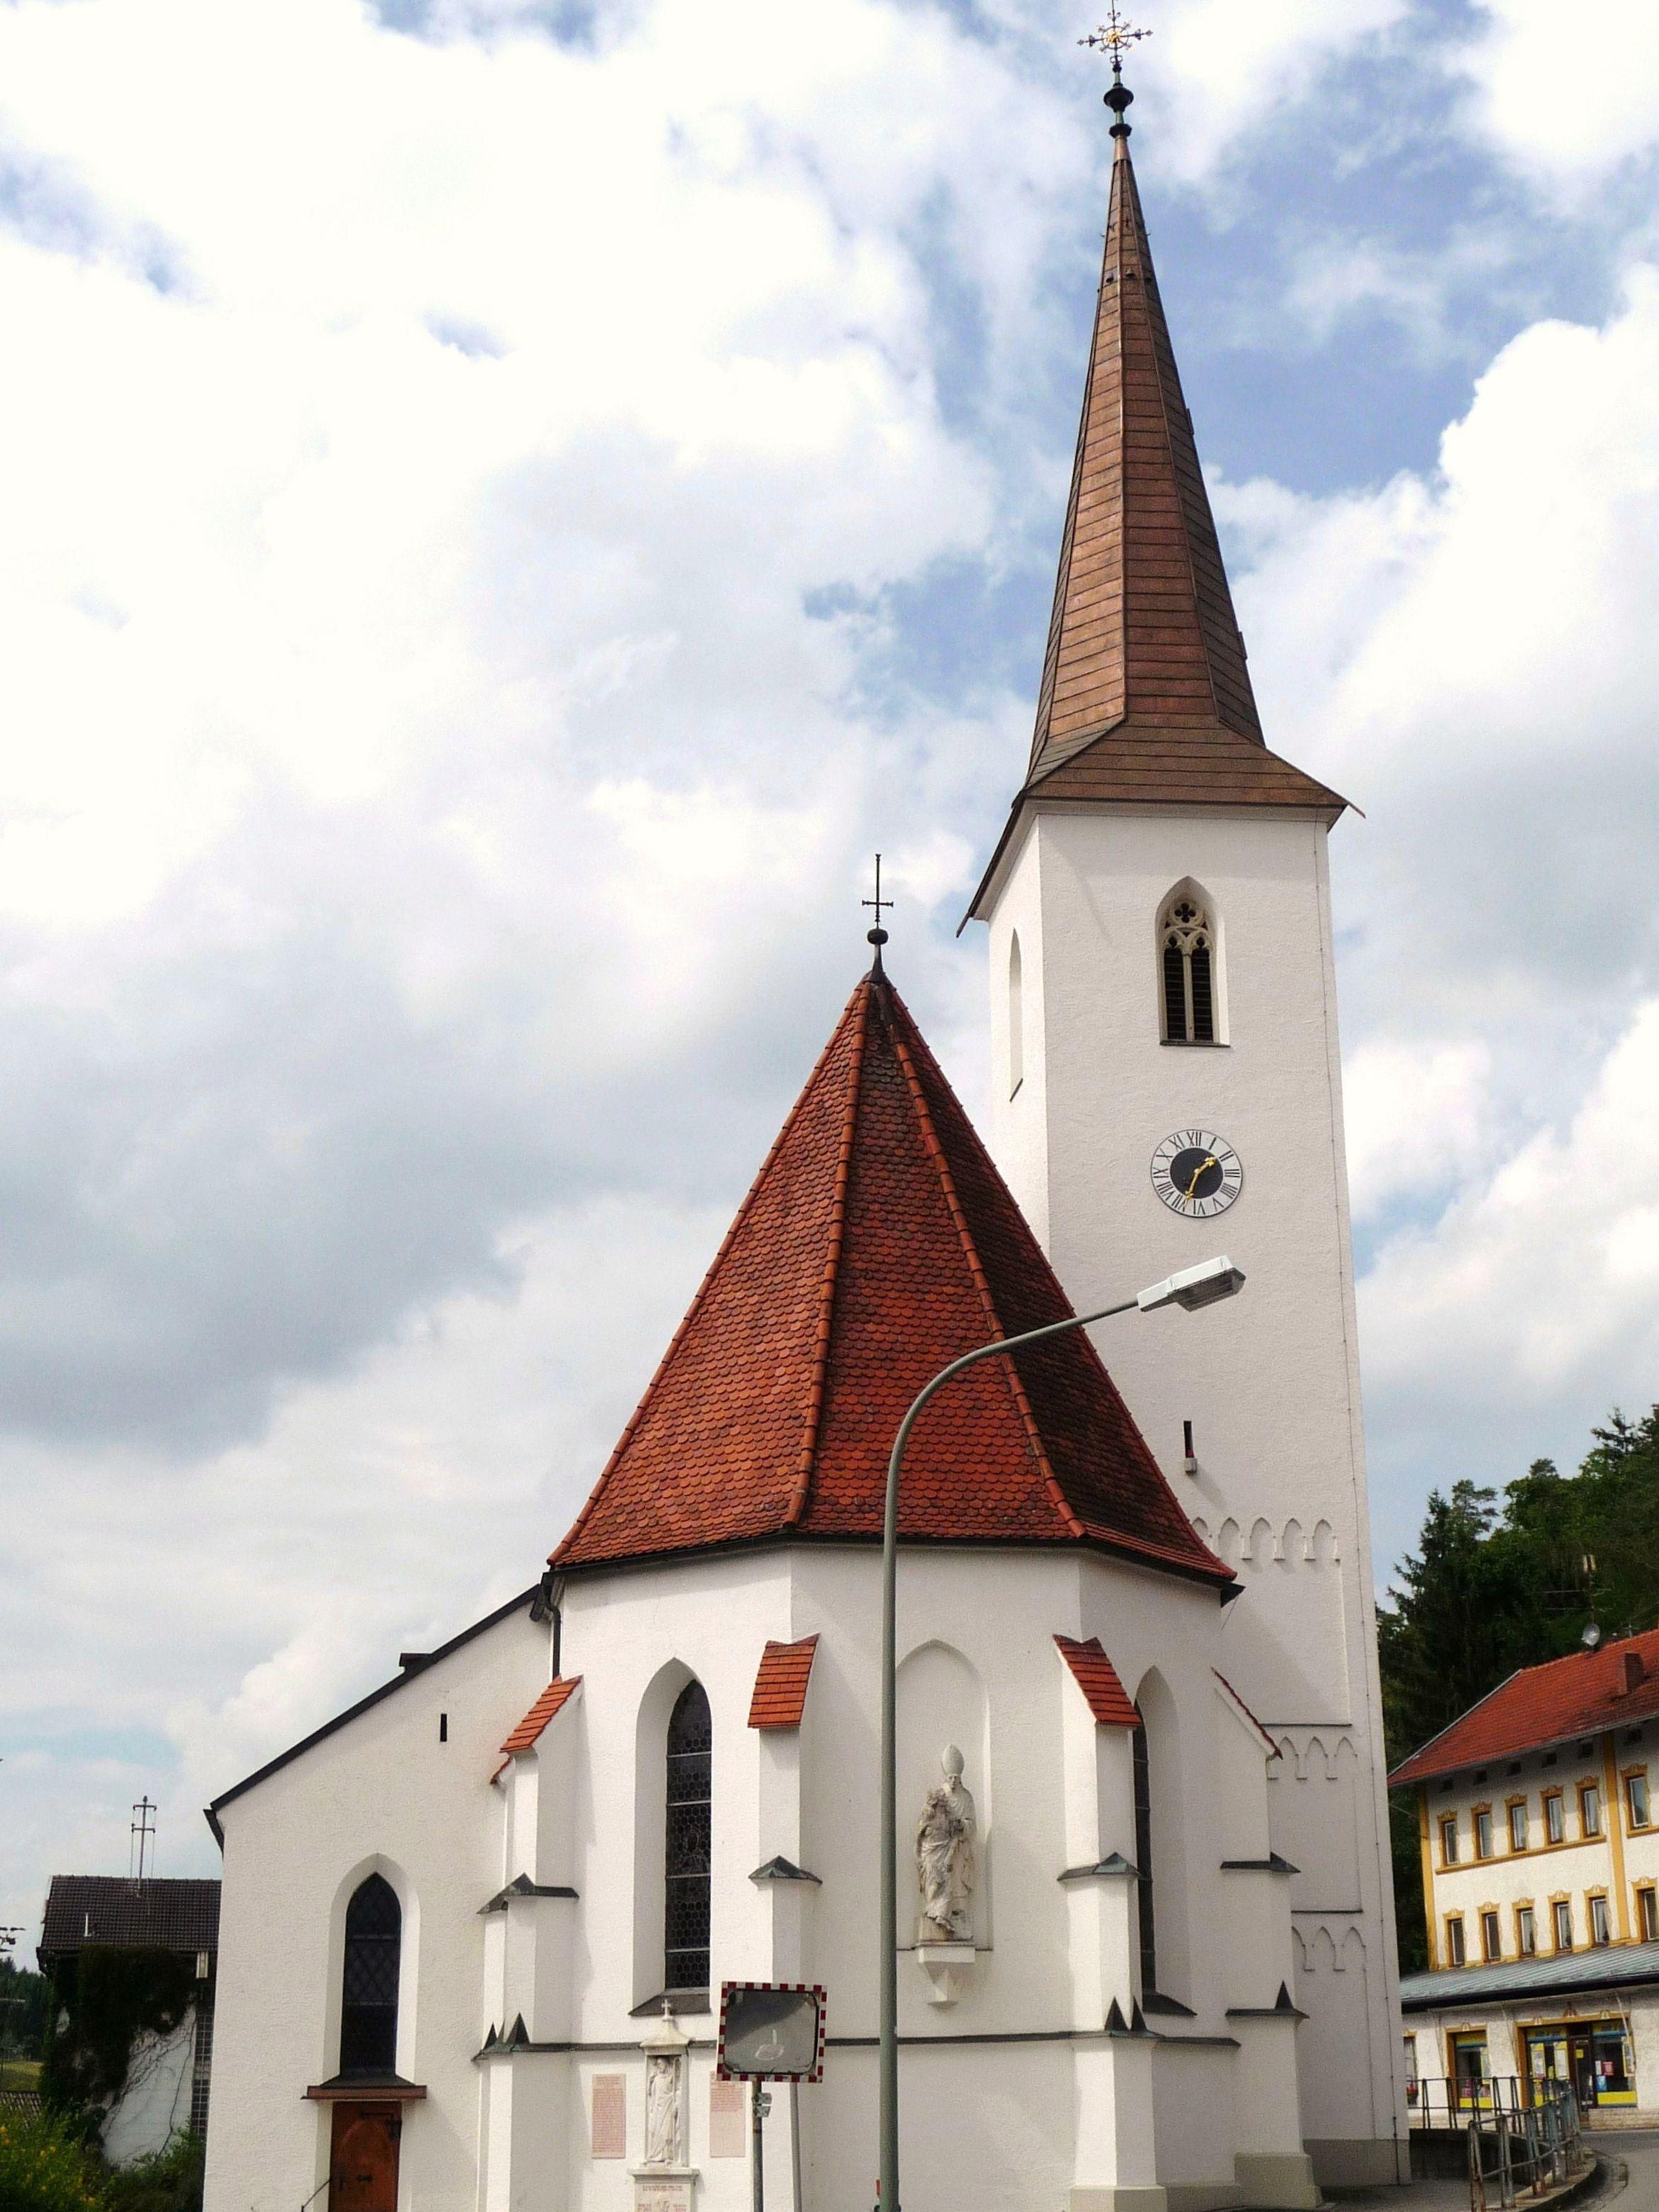 Pfarrkirche Zeilarn